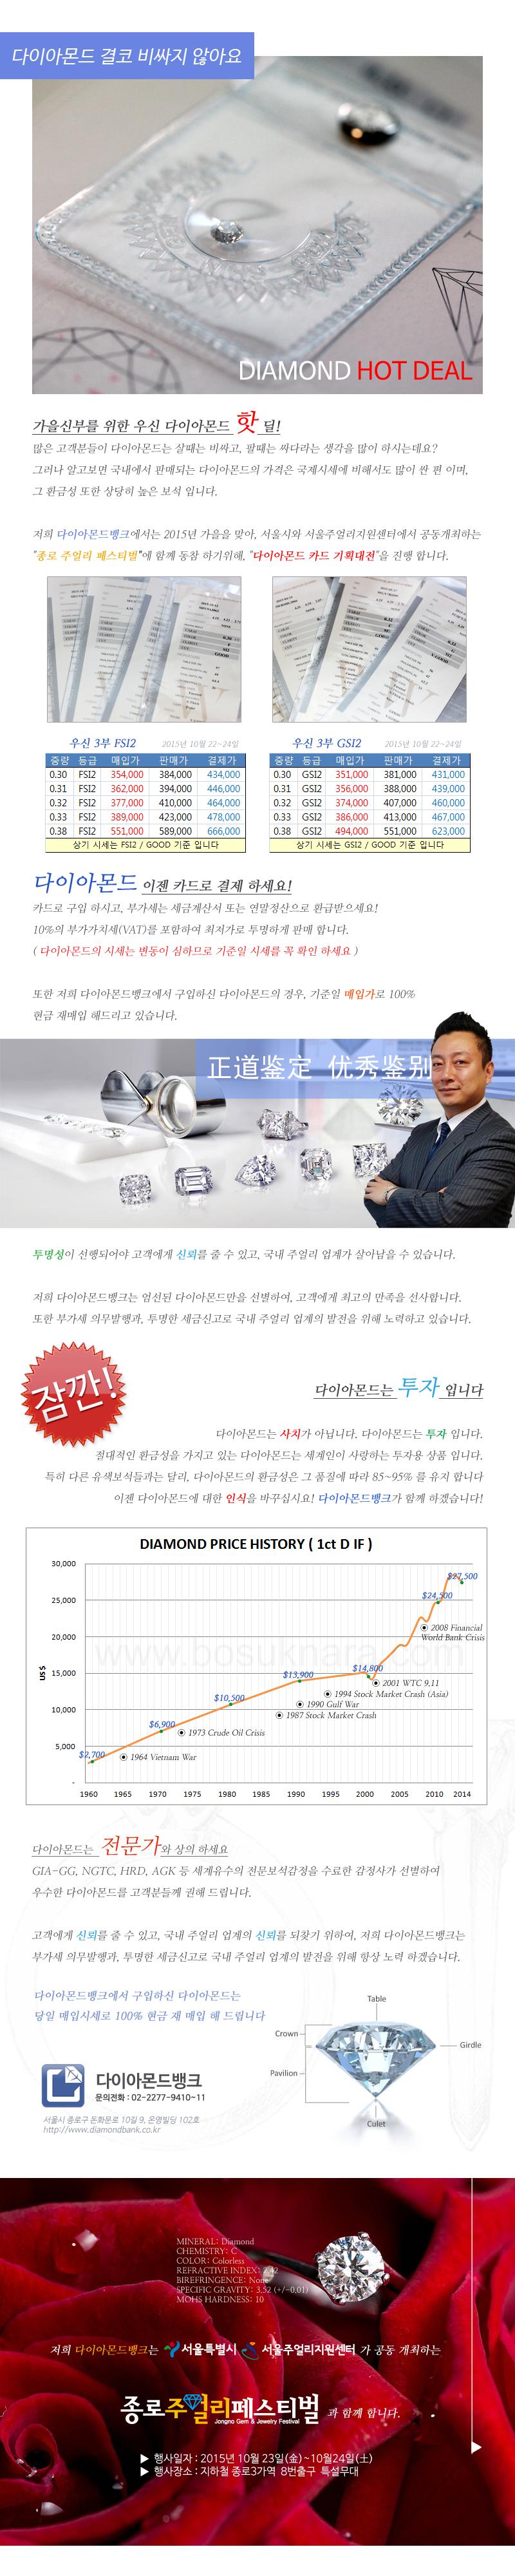 다이아몬드-800-4000.png